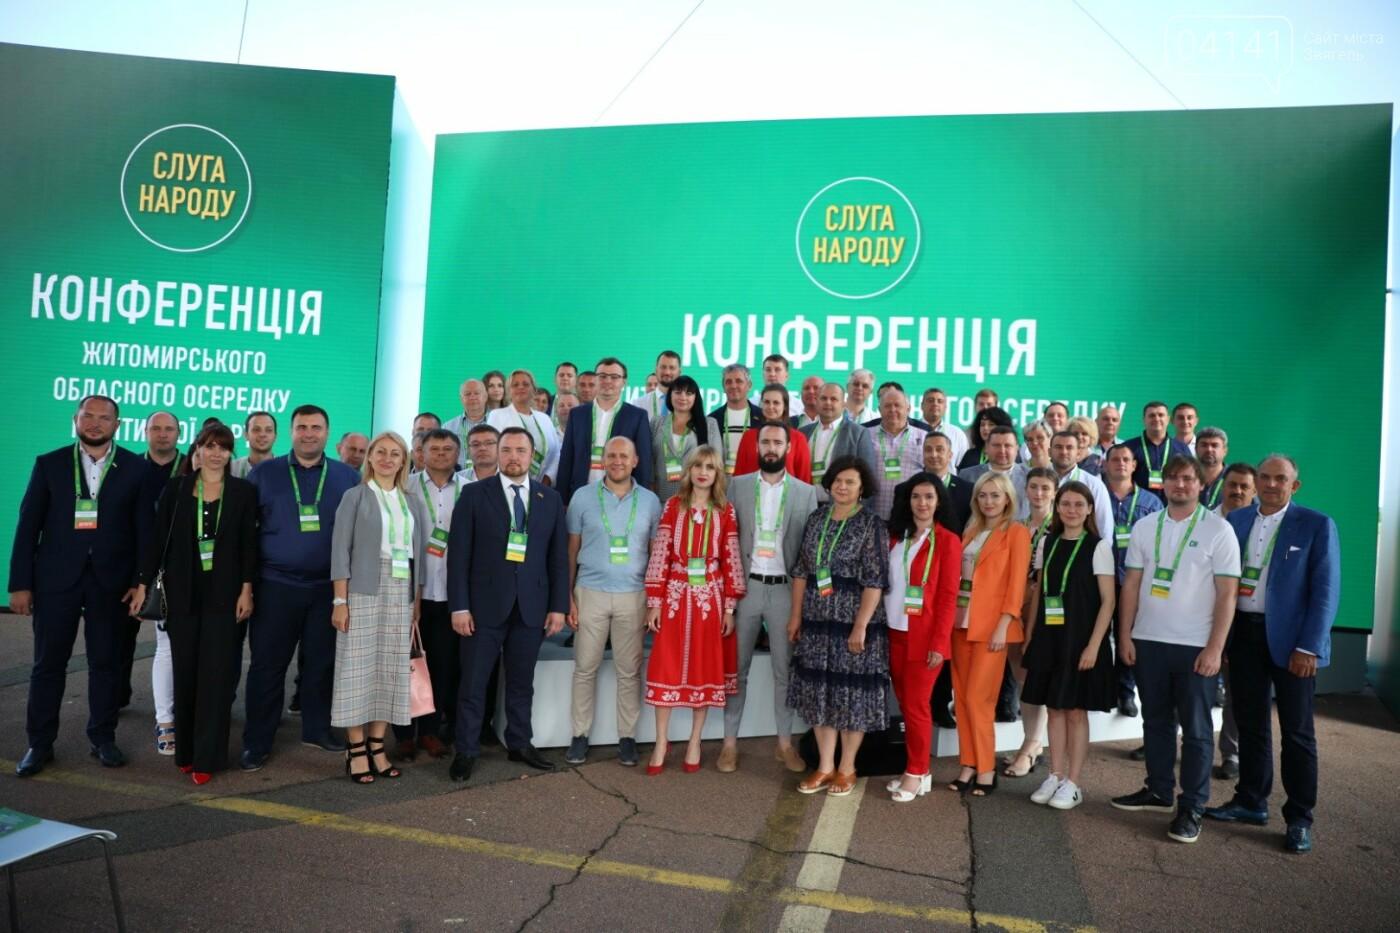 Арсеній Пушкаренко: Пріоритет команди «Слуга Народу» – створення нової якісної інфраструктури в країні, фото-8